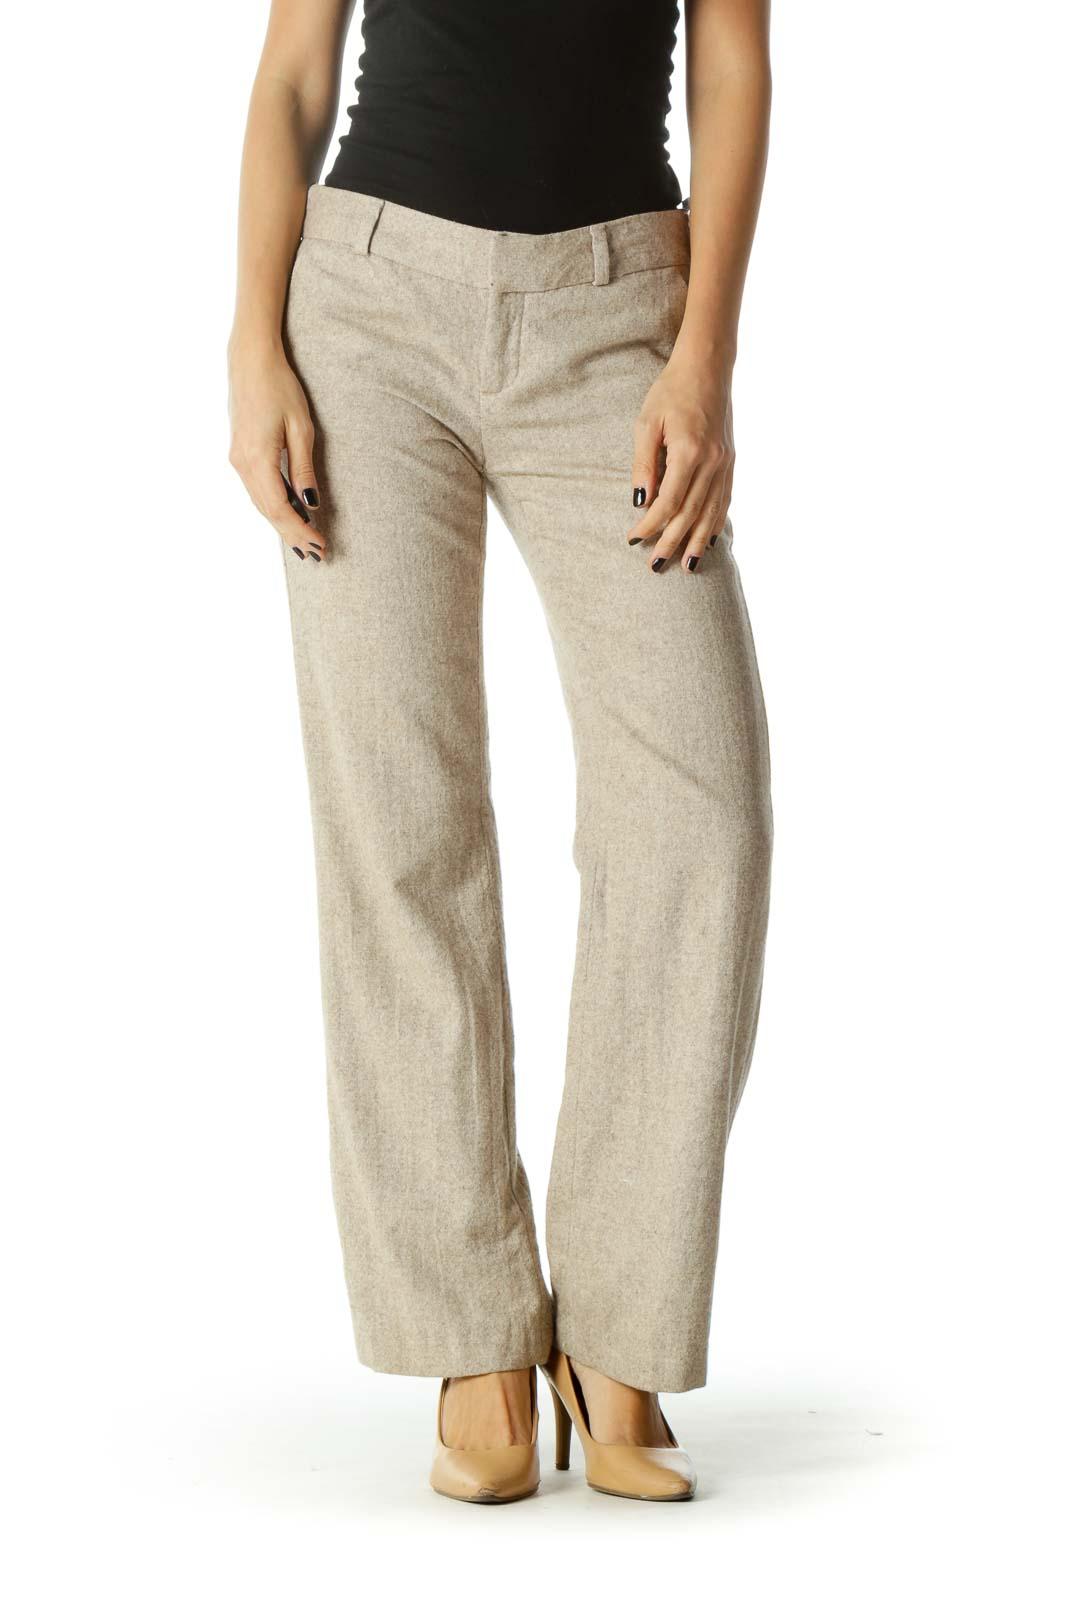 Cream Adjustable Waist Pocketed Straight Leg Pants